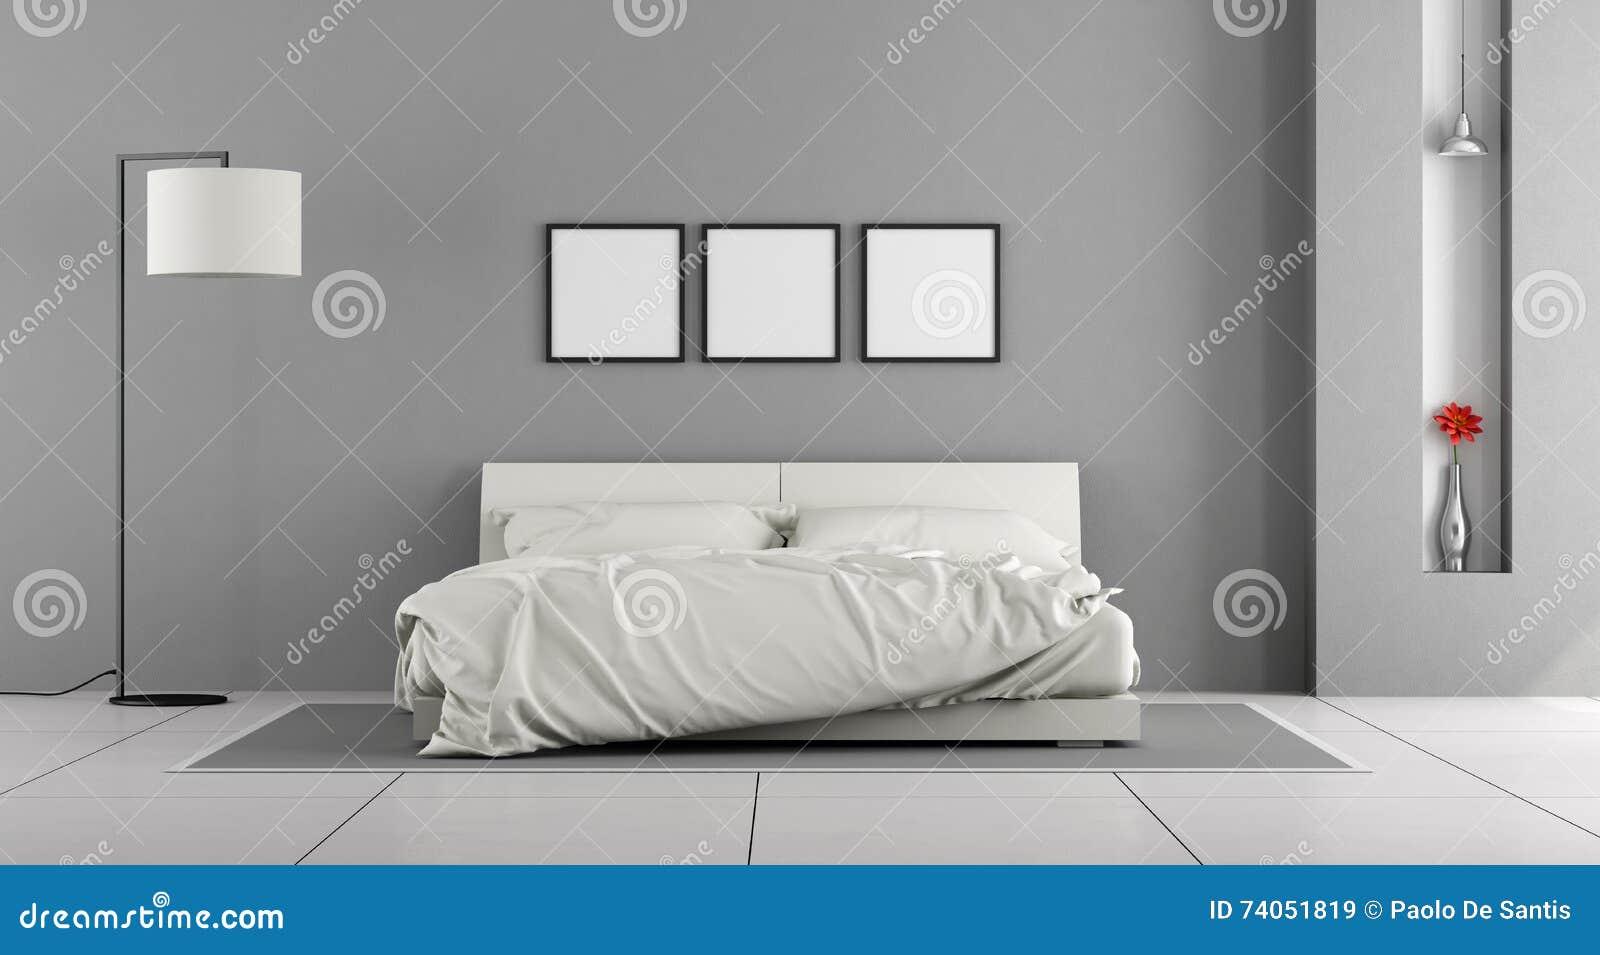 Camere Bianche E Grigie : Camera da letto bianca e grigia illustrazione di stock